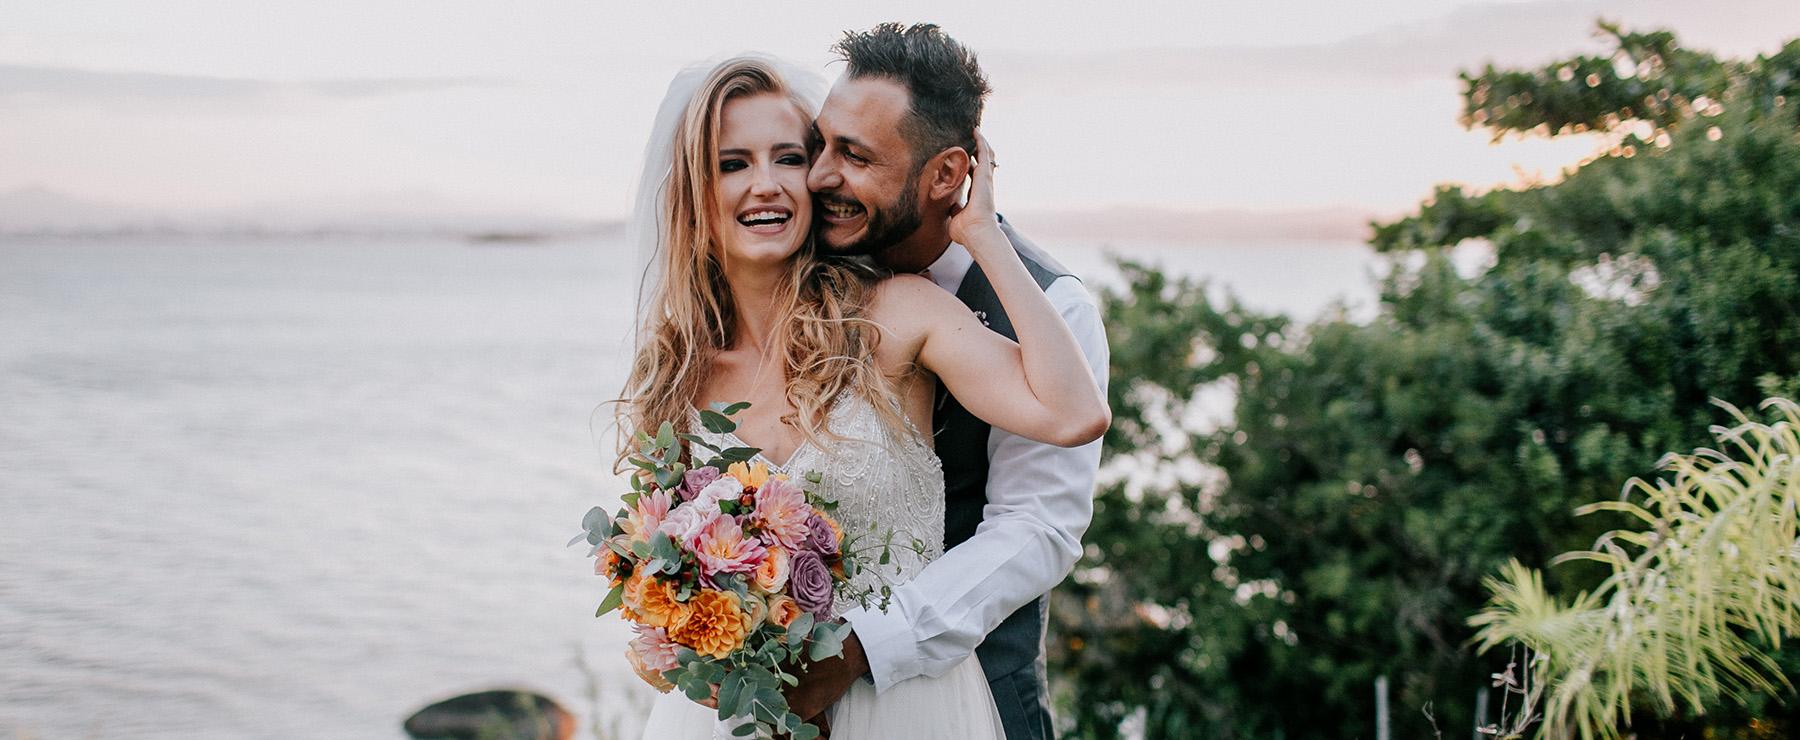 Fotógrafo de Casamento Florianópolis - Ingrid e Rafael